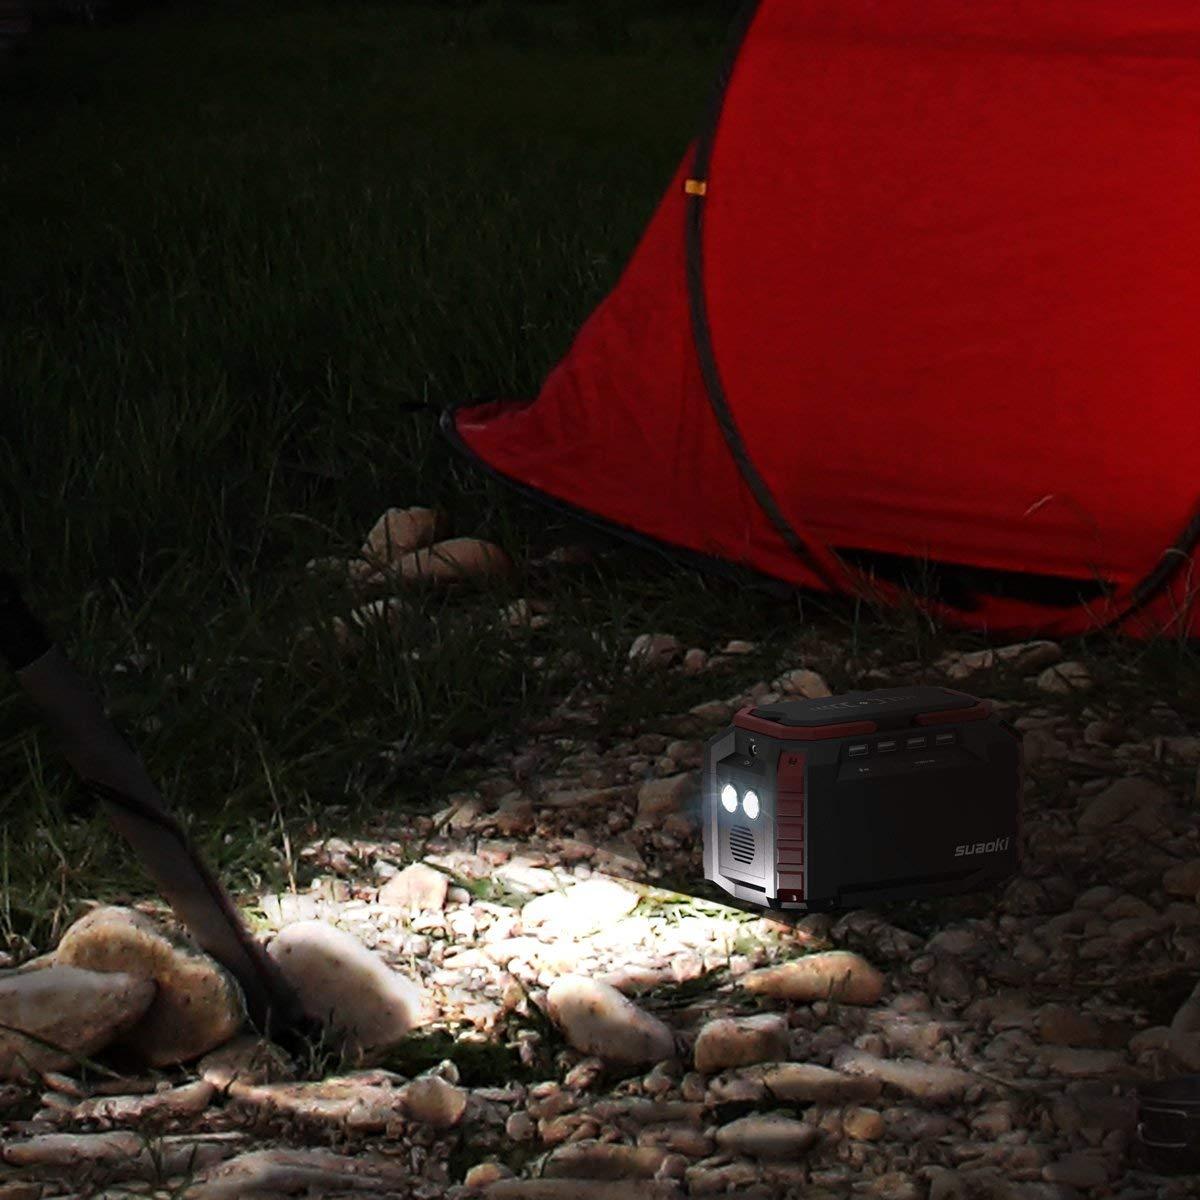 150Wh Generador Port/átil Solar Estaci/ón Almacenamiento Suministro de Energ/ía Potencia Carga QC3.0 con una AC 220V Salida, 4 Puertos USB, linternas LED Emergencia para Camping, Senderismo SUAOKI